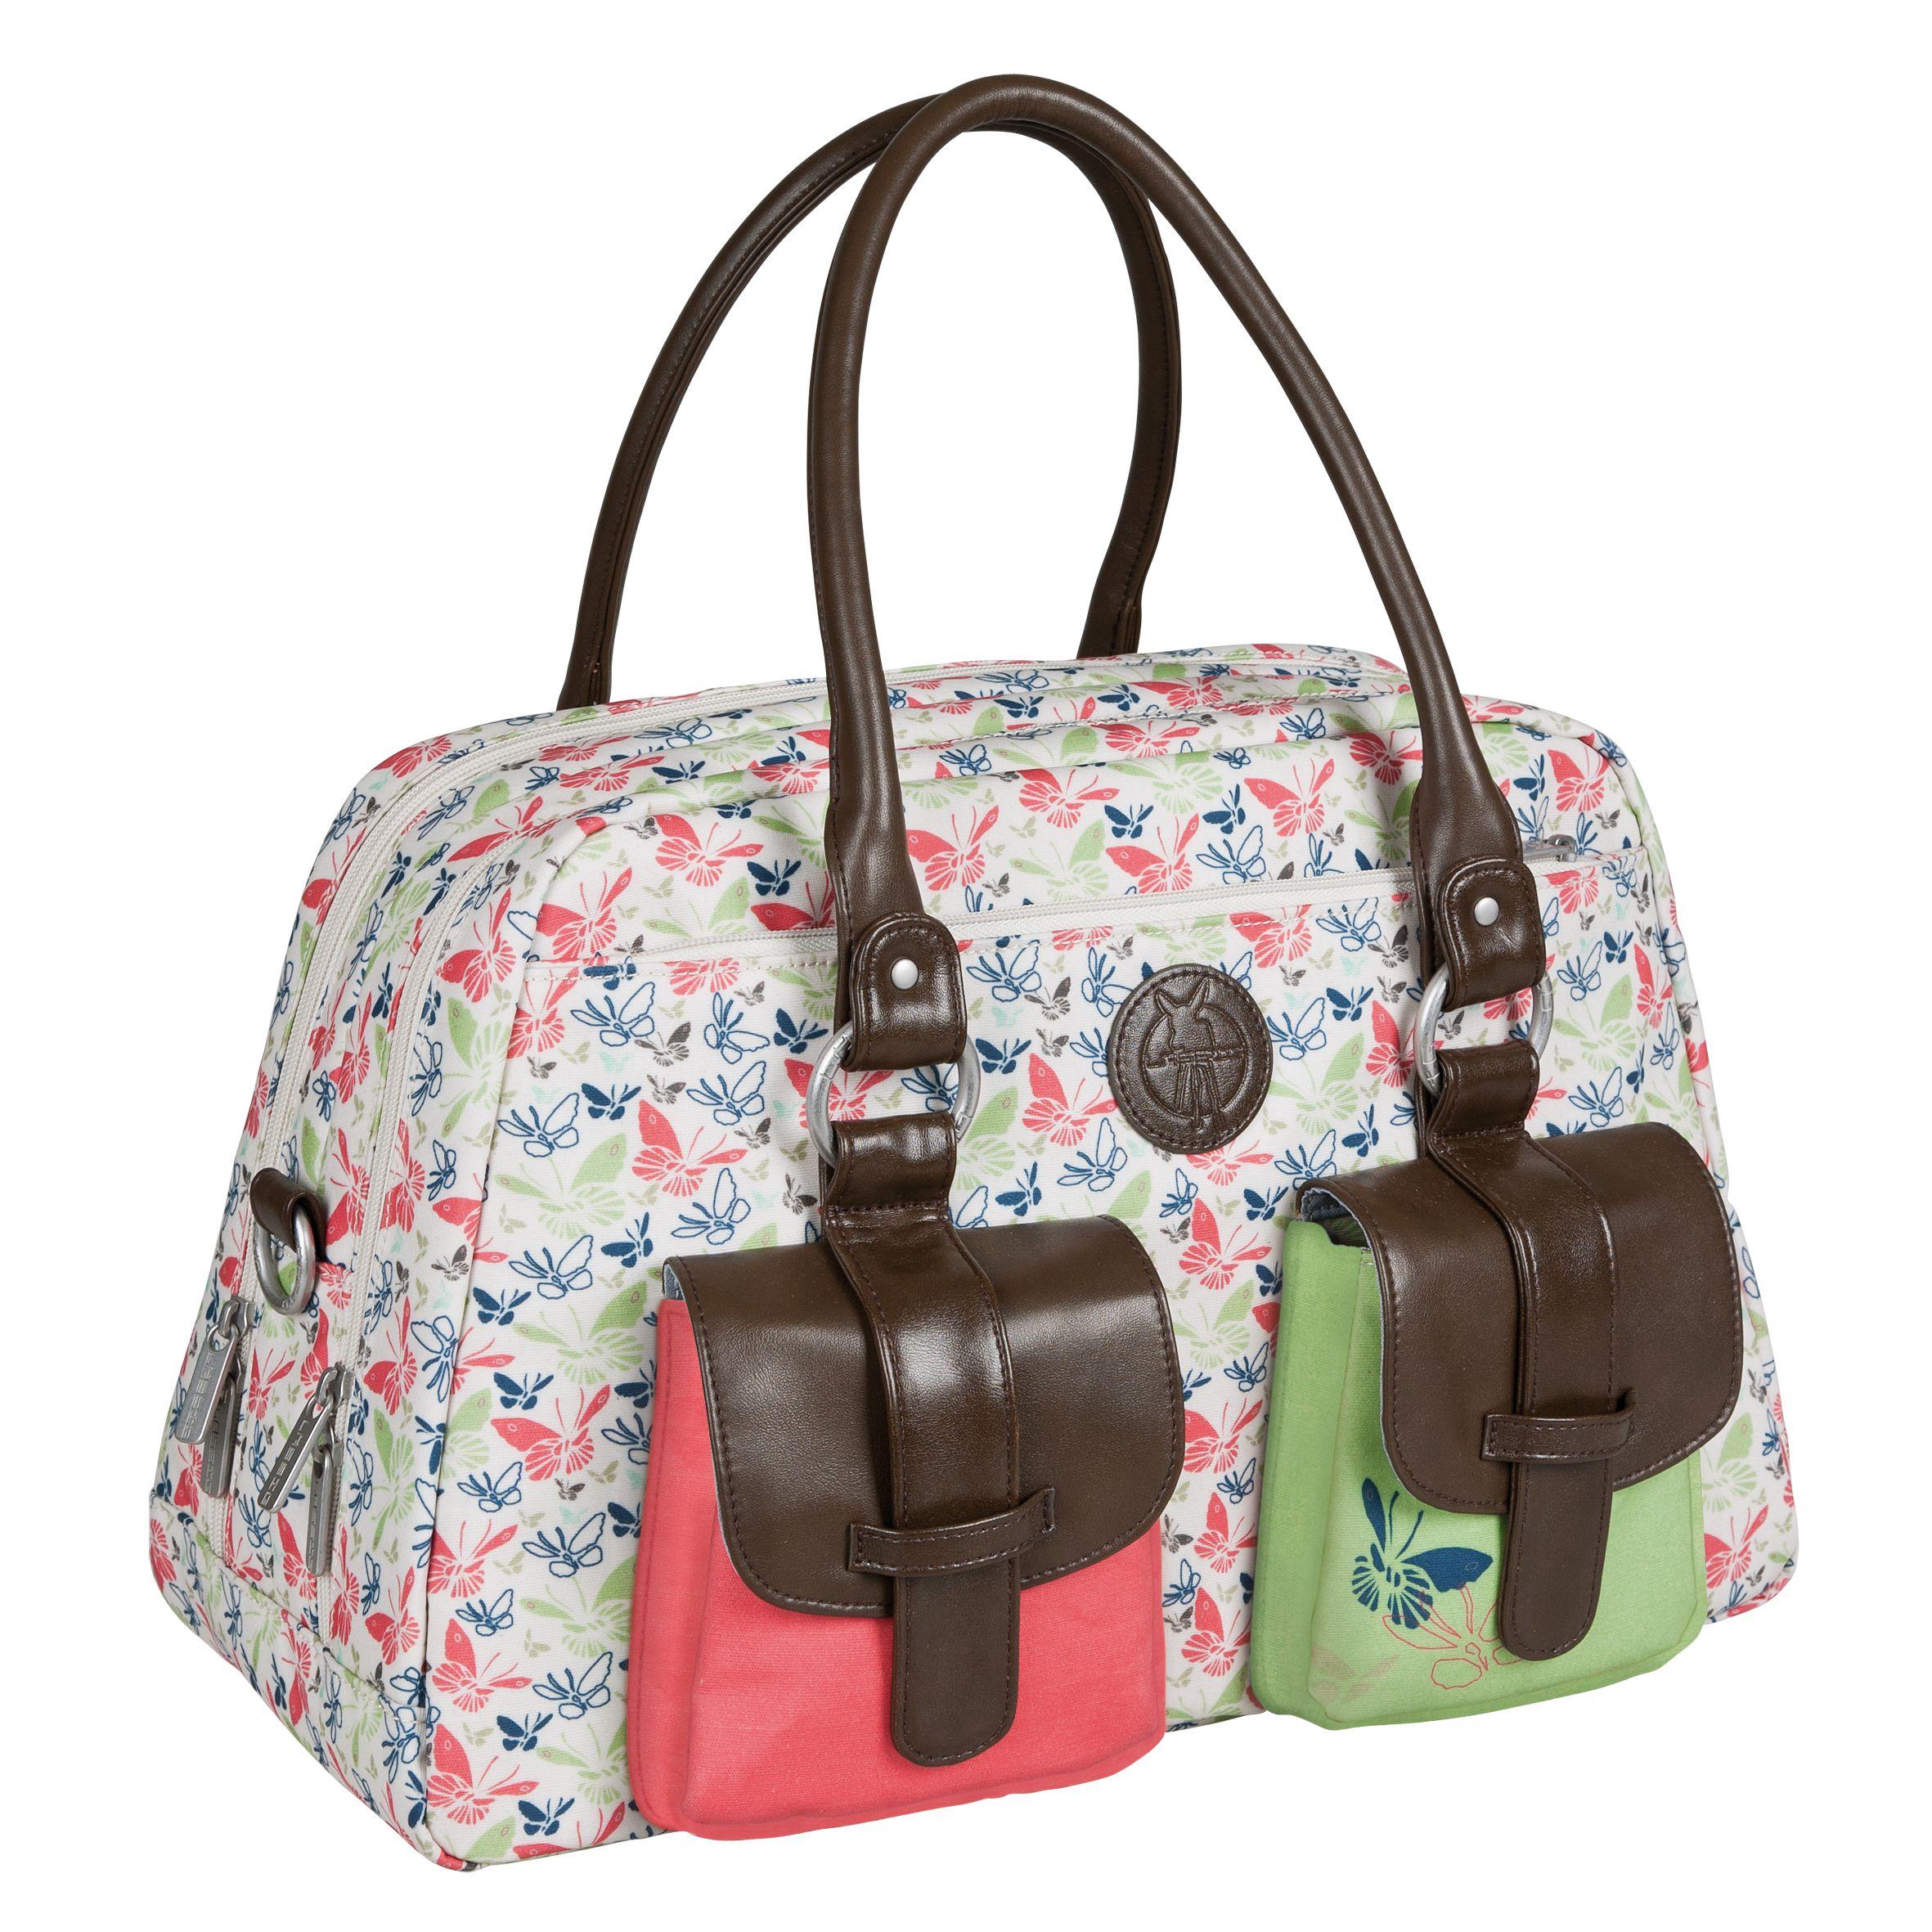 Bringt Farbe ins Spiel - Die LÄSSIG Metro Bag aus der Vintage Kollektion hier in Butterfly pink